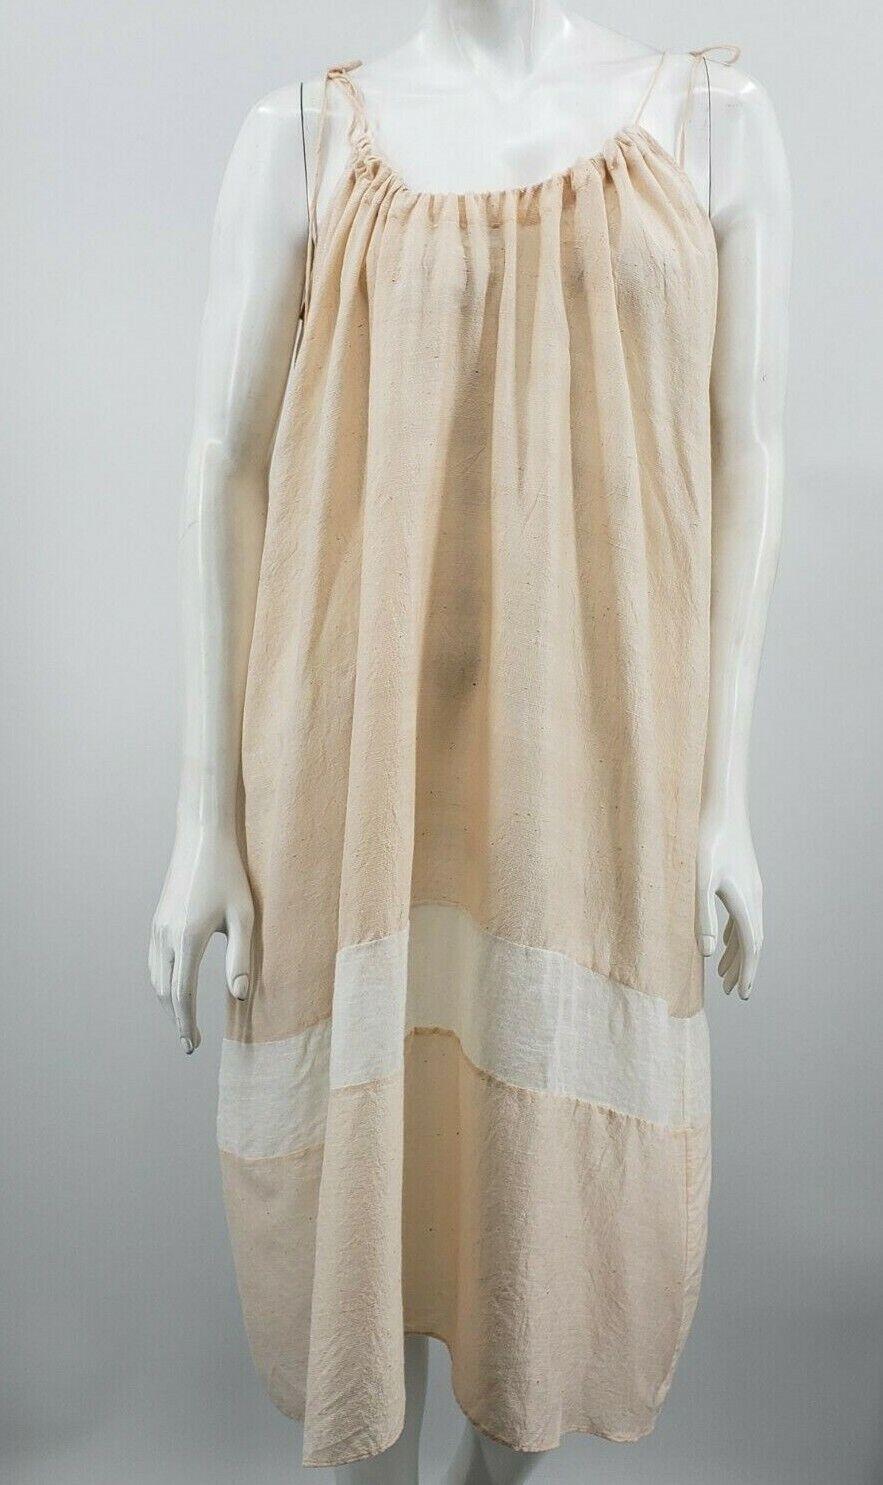 Pondicherie Sita Tie Dress One Size Blush Silk Or… - image 2